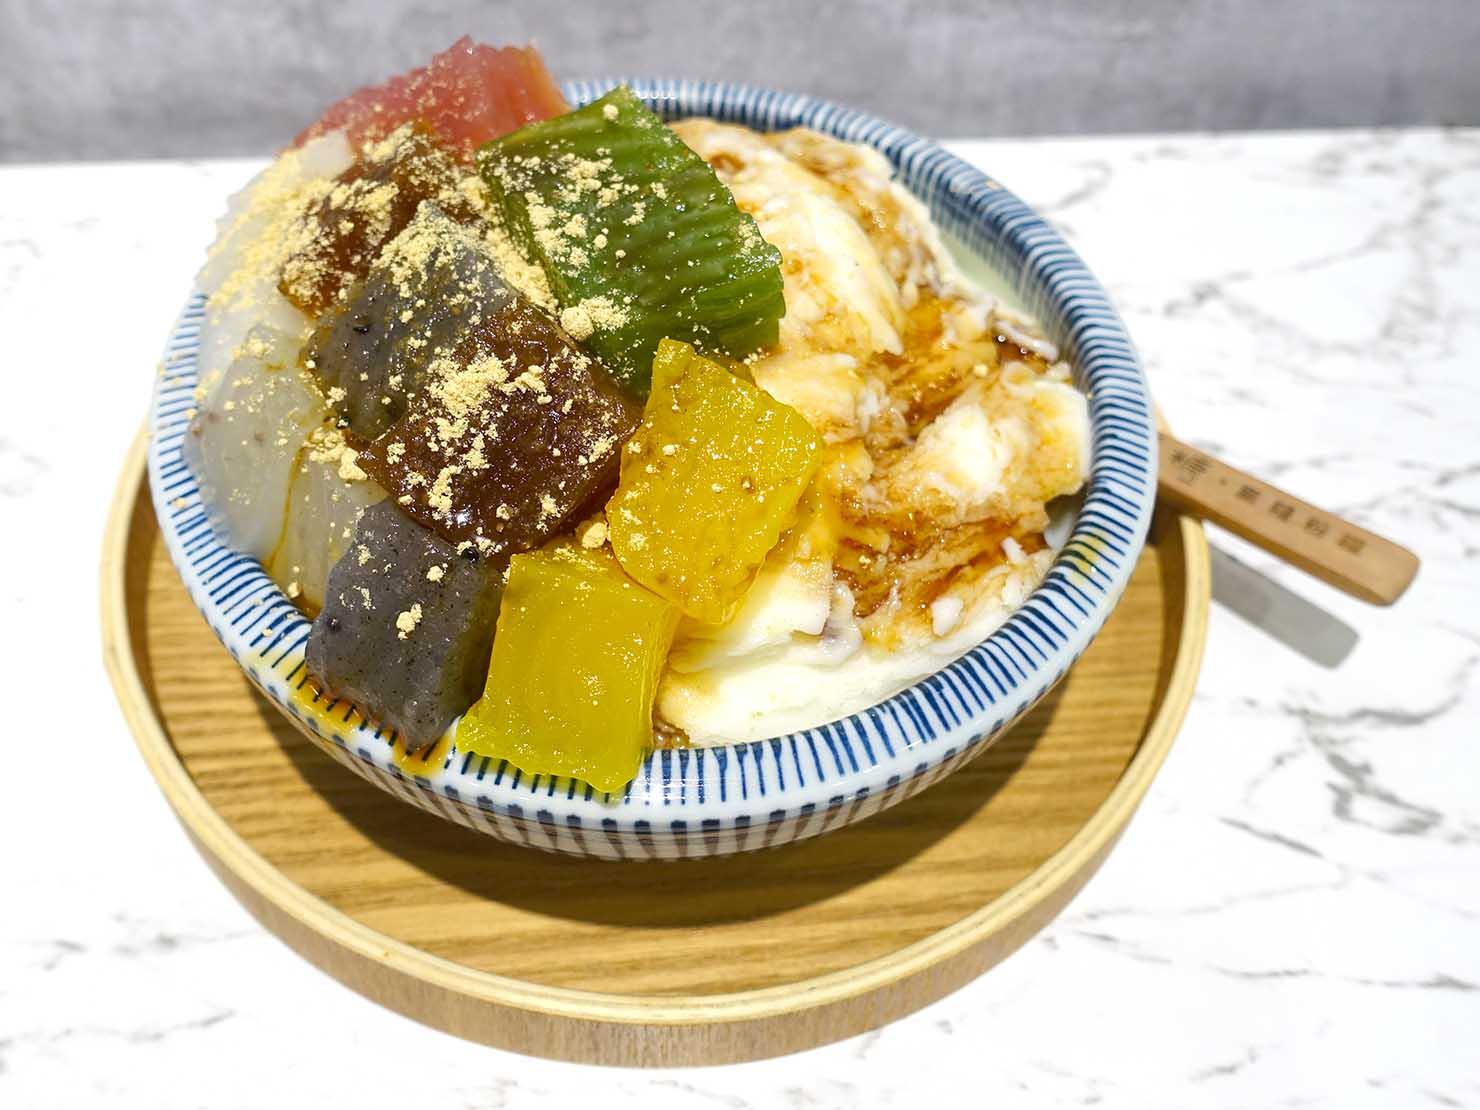 台北駅前エリア(前站)のおすすめスイーツ店「覓糖」の七彩粉粿雪花冰